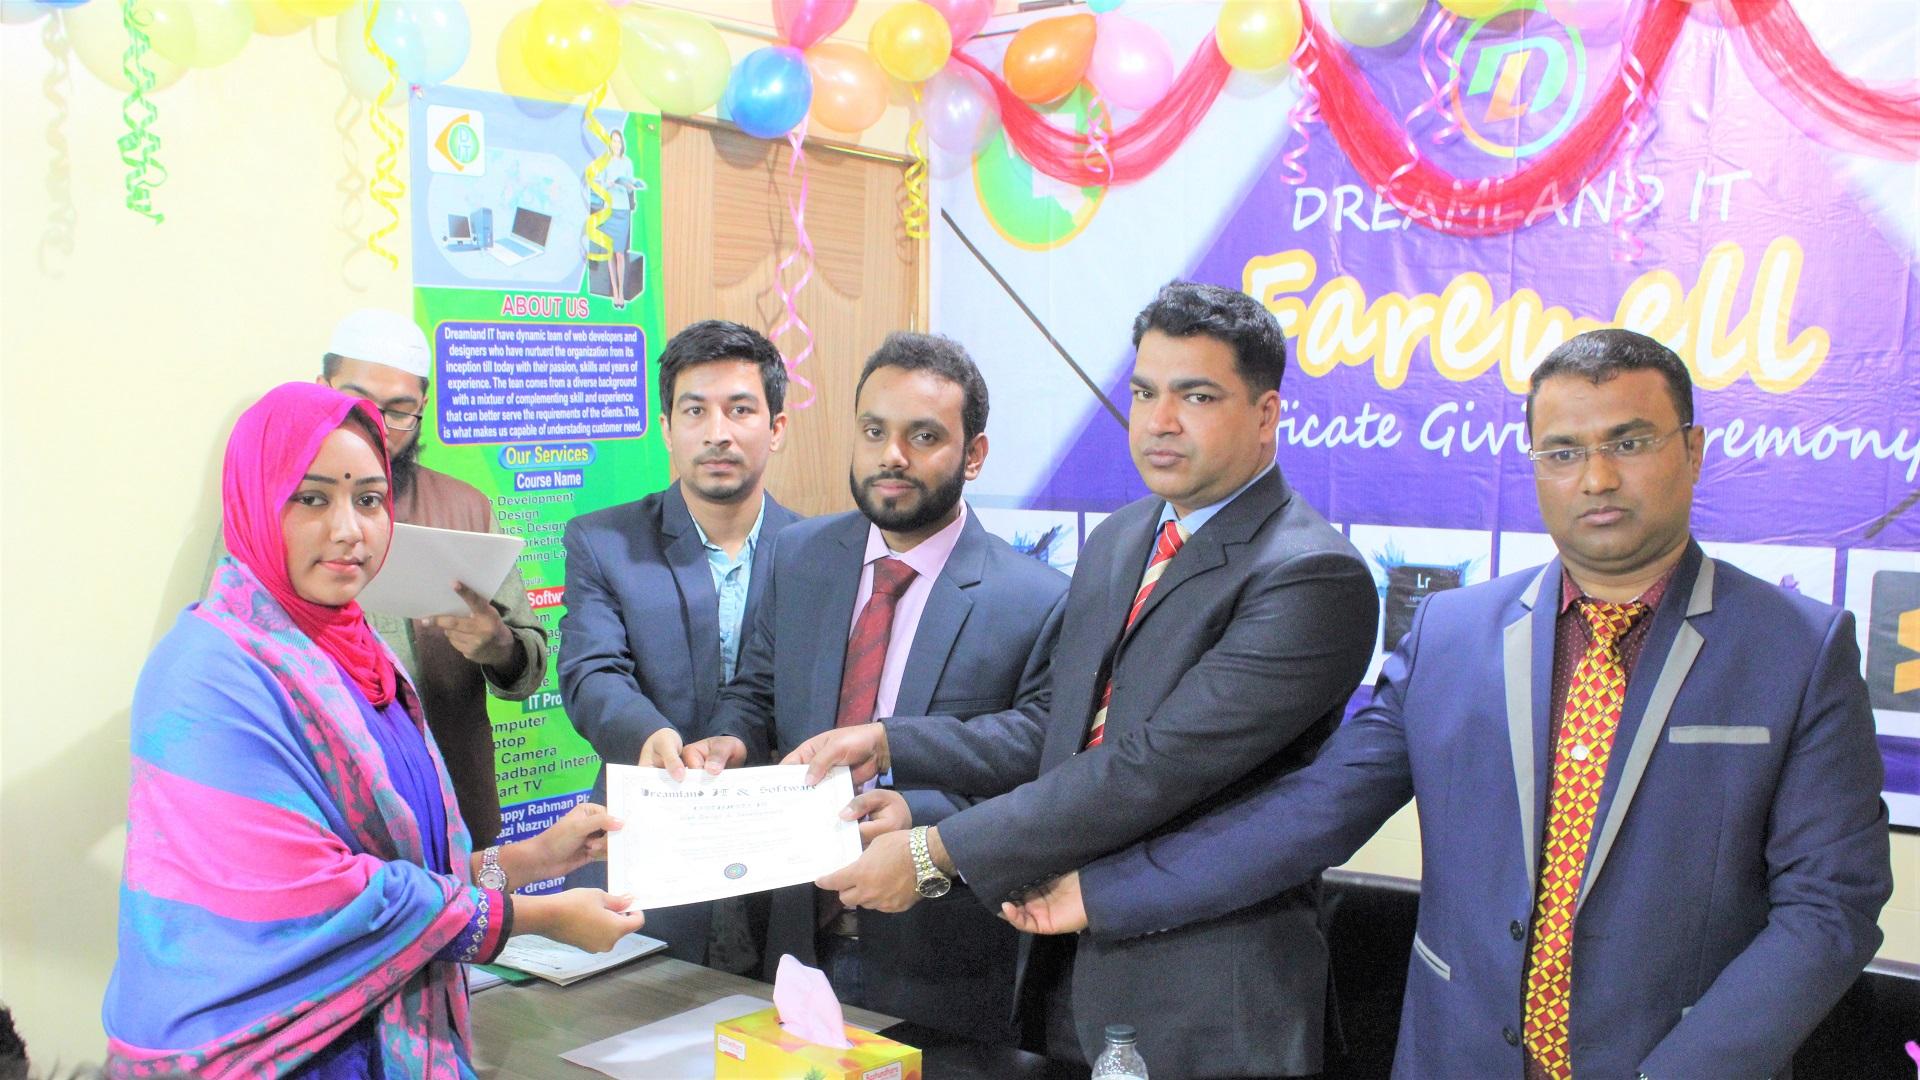 #dreamlandit certificate